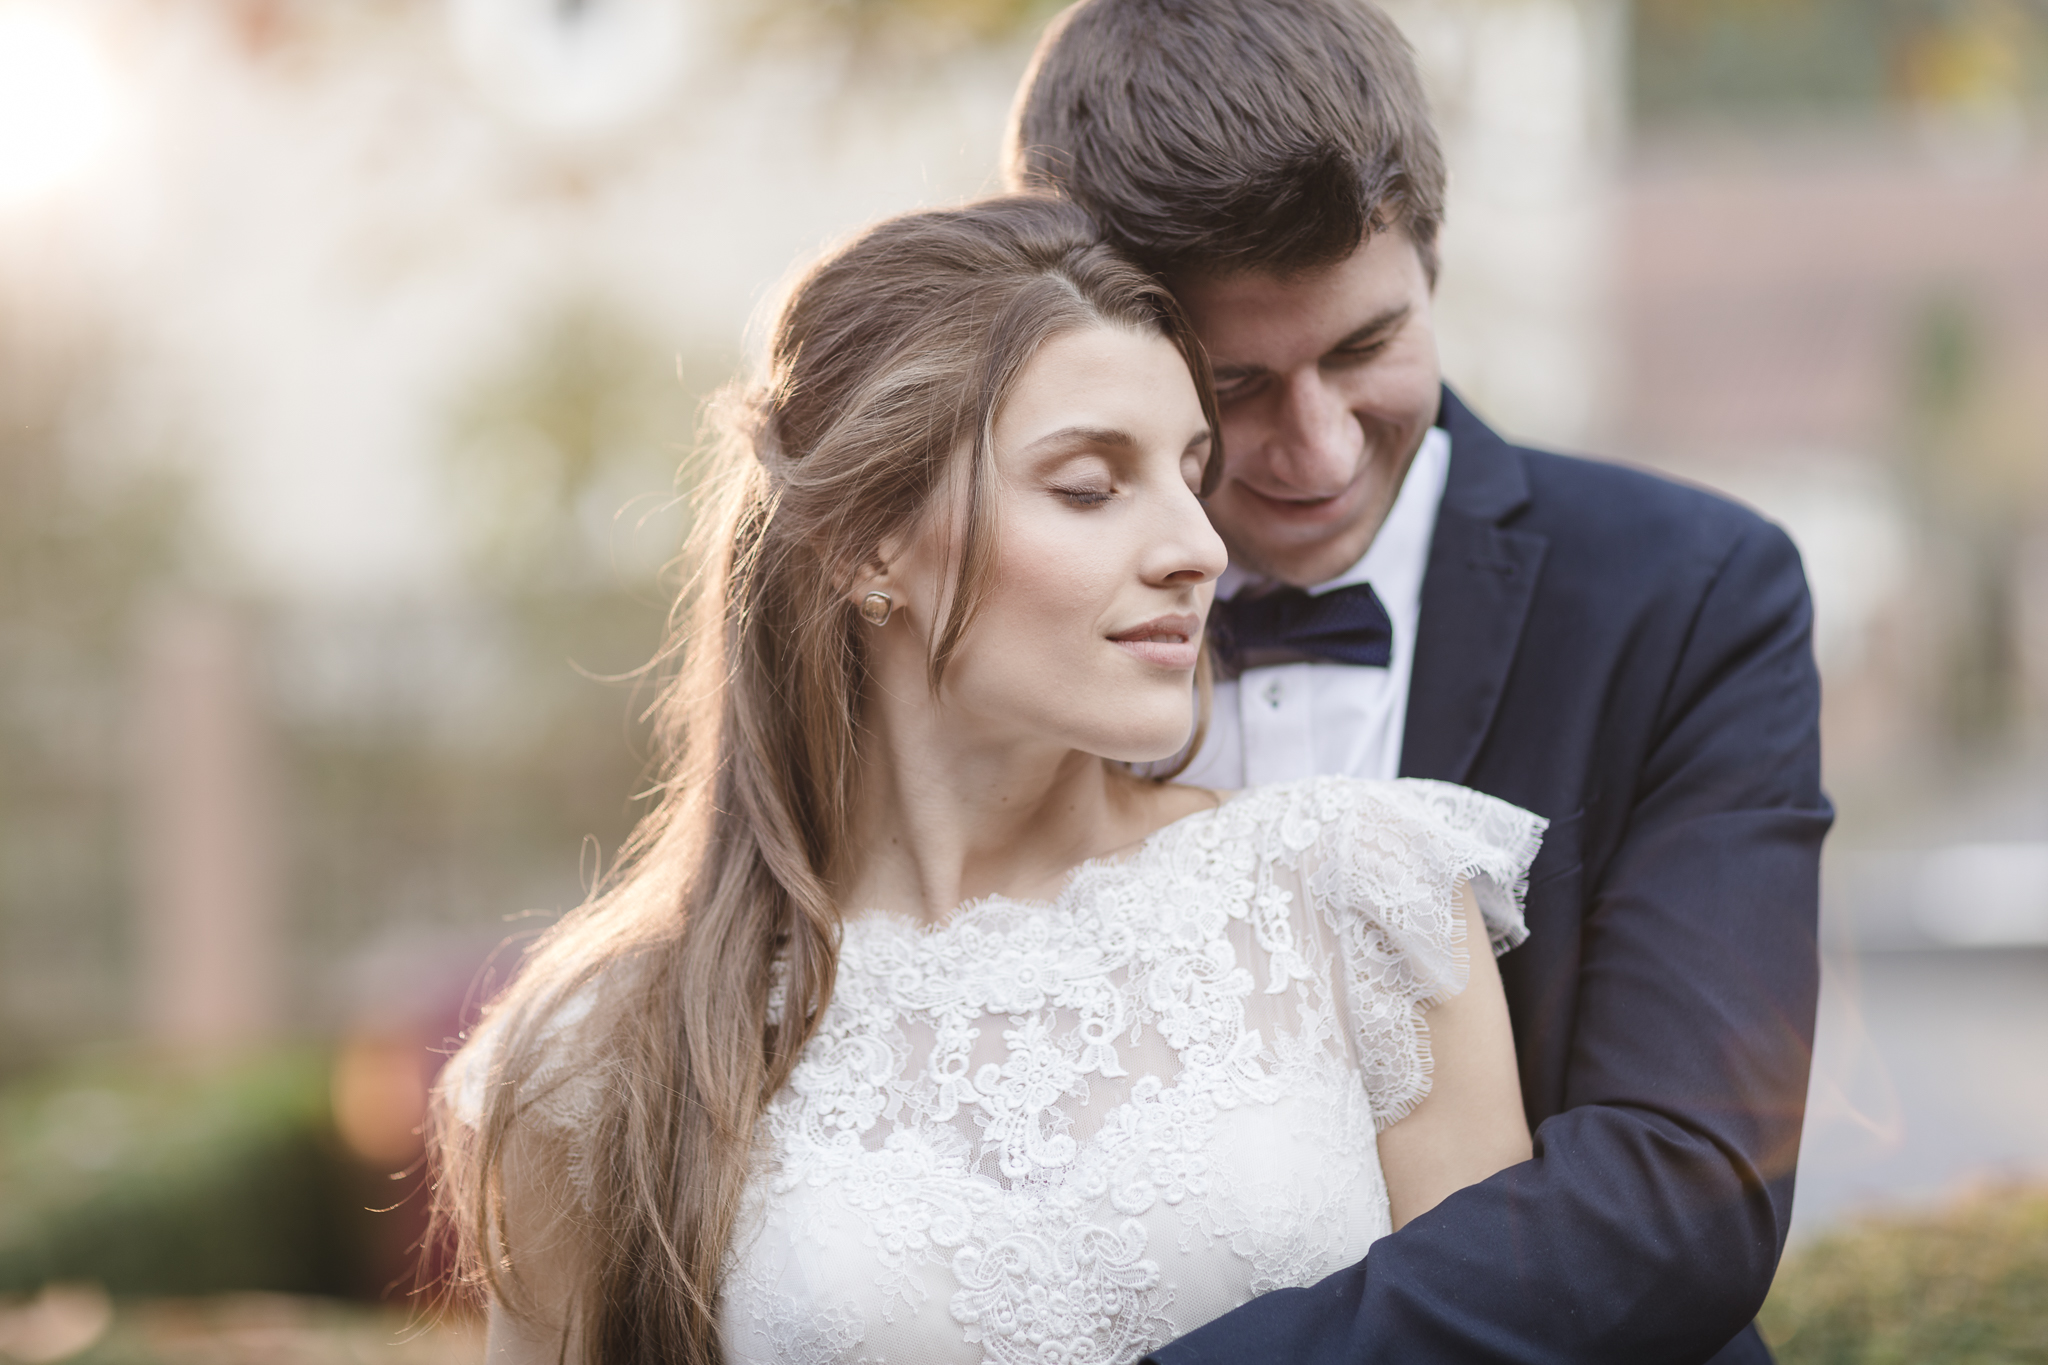 Blitzen bei der Hochzeit - Paar kuschelt sich im Gegenlicht aneinander, dies ist aber keine Sonne